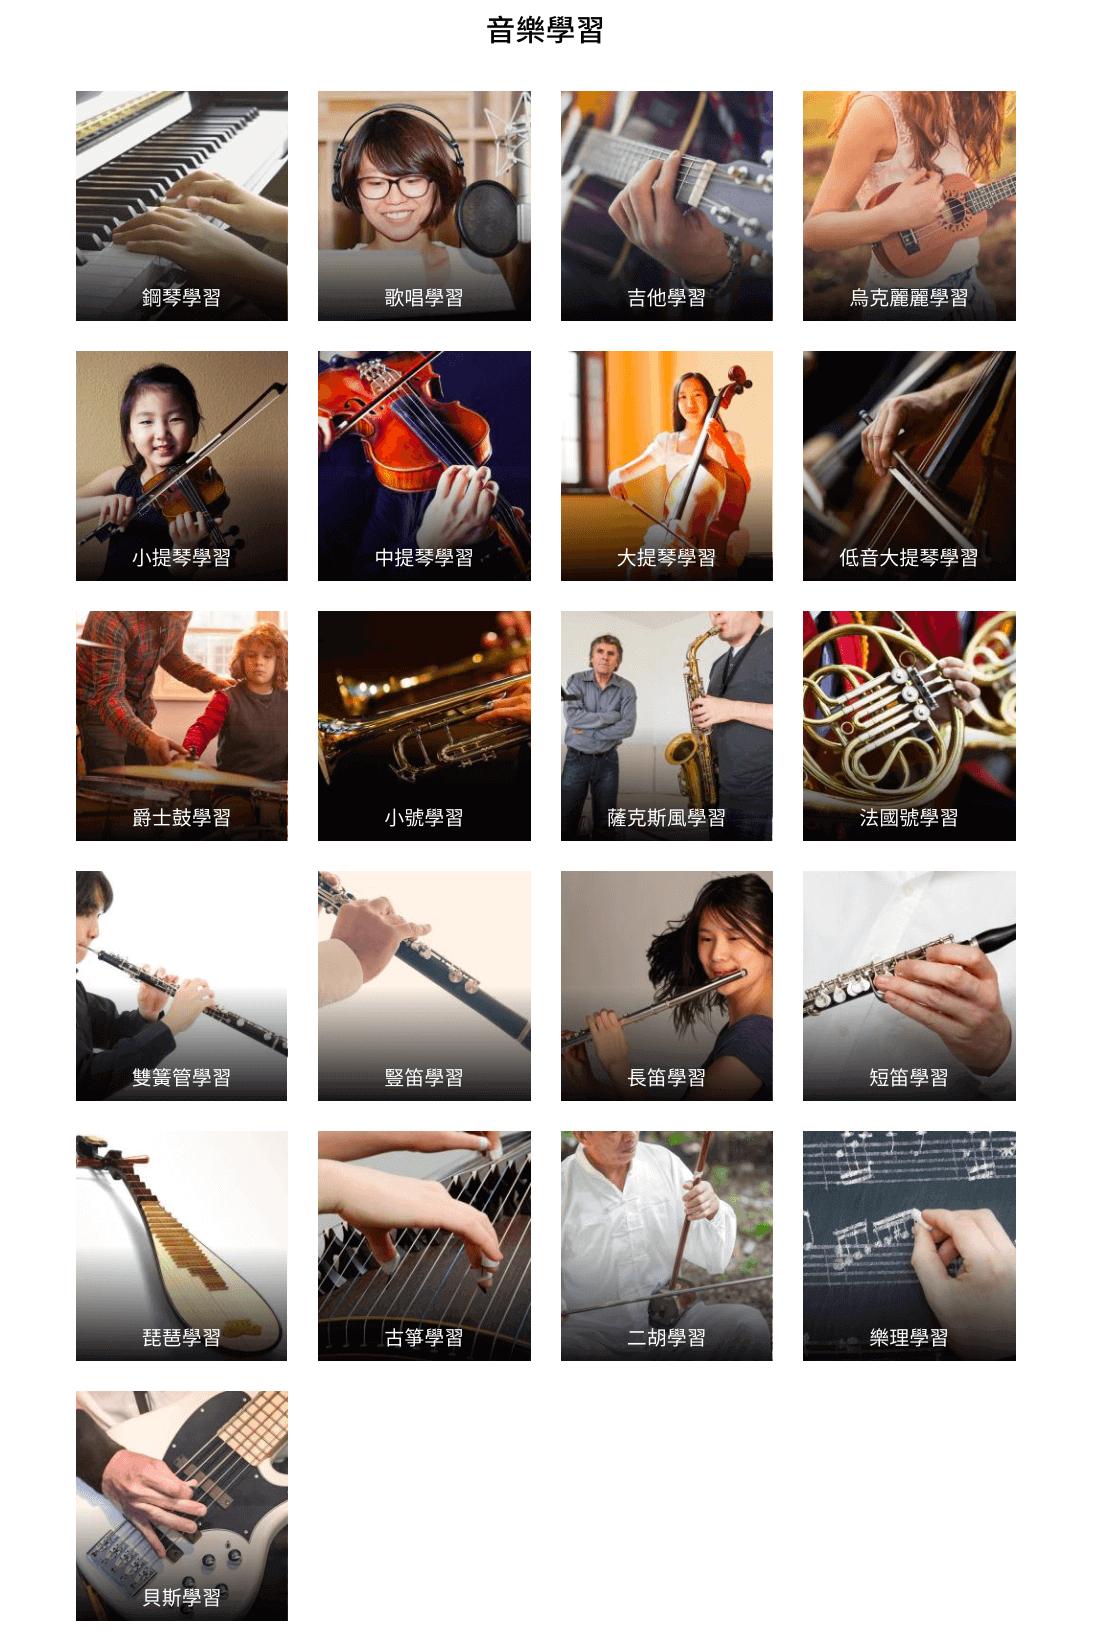 PRO360達人網有豐富跟完整的音樂教學服務,從基礎的樂理知識跟歌唱練習,讓人懂得看樂譜,唱首好歌。